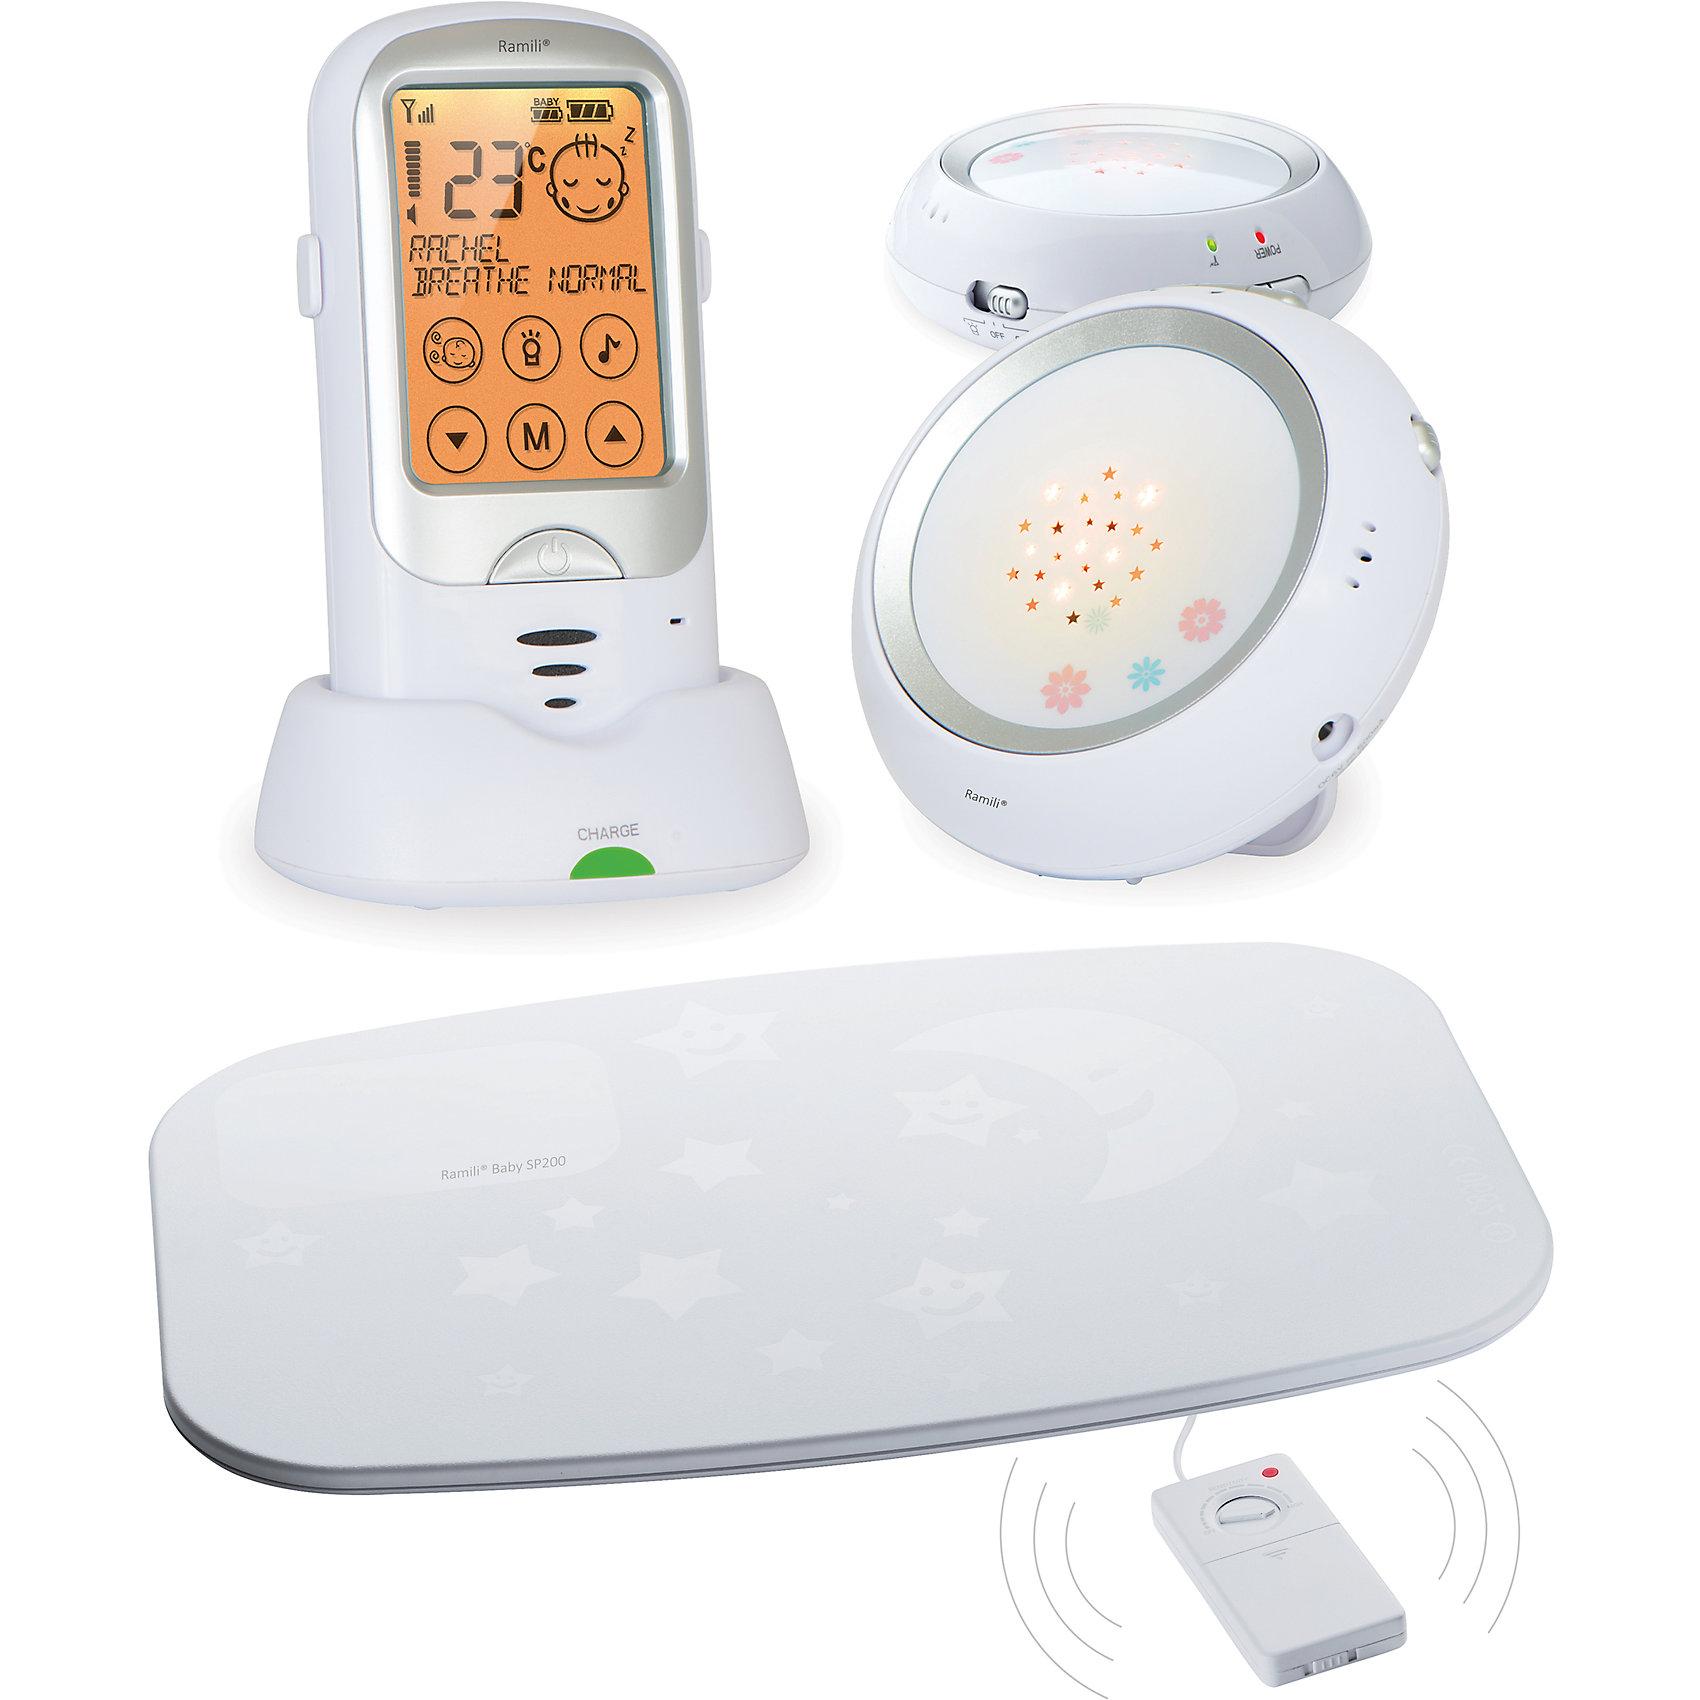 Радионяня Baby RA300DuoSP, RamiliДетская бытовая техника<br>Радионяня Baby RA300DuoSP, Ramili (Рамили)<br><br>Характеристики:<br><br>• двухсторонняя связь<br>• монитор дыхания в комплекте<br>• сенсорный экран<br>• проектор<br>• термометр<br>• таймер кормления<br>• индикатор заряда<br>• дальность действия: до 650 метров<br>• автоматическое включение<br>• защита от случайного нажатия<br>• экран: 7,3 см<br>• размер упаковки: 18х16х7 см<br>• вес: 902 грамма<br><br>Радионяня Baby RA300DuoSP поможет вам чувствовать себя спокойно, когда вы не можете находиться рядом с малышом. Двухсторонняя связь позволяет не только слышать малыша, но и общаться с ним. Вы сможете спеть любимую песенку крохи или успокоить его ласковым голосом. <br><br>Для вашего удобства радионяня оснащена таймером кормления, термометром и индикатором заряда. Вы всегда будете знать температуру в комнате ребенка, сможете вовремя его покормить, а индикатор заряда напомнит о необходимости подзарядки. При обнаружении плача радионяня автоматически включается и подает сигал на родительский блок. <br><br>В комплект входит монитор дыхания. Он представляет собой коврик, следящий за дыханием ребенка во время сна. Коврик располагается под матрасом кроватки. Встроенный ночник с проекцией звездного неба поможет малышу расслабиться и успокоиться перед сном.  Радионяня имеет удобный сенсорный экран с защитой от случайного нажатия. Вы сможете подключить до 4-х детских блоков одновременно. Дальность действия - до 650 метров.<br><br>Радионяню Baby RA300DuoSP, Ramili (Рамили) вы можете купить в нашем интернет-магазине.<br><br>Ширина мм: 70<br>Глубина мм: 160<br>Высота мм: 180<br>Вес г: 902<br>Возраст от месяцев: 0<br>Возраст до месяцев: 1188<br>Пол: Унисекс<br>Возраст: Детский<br>SKU: 5516689